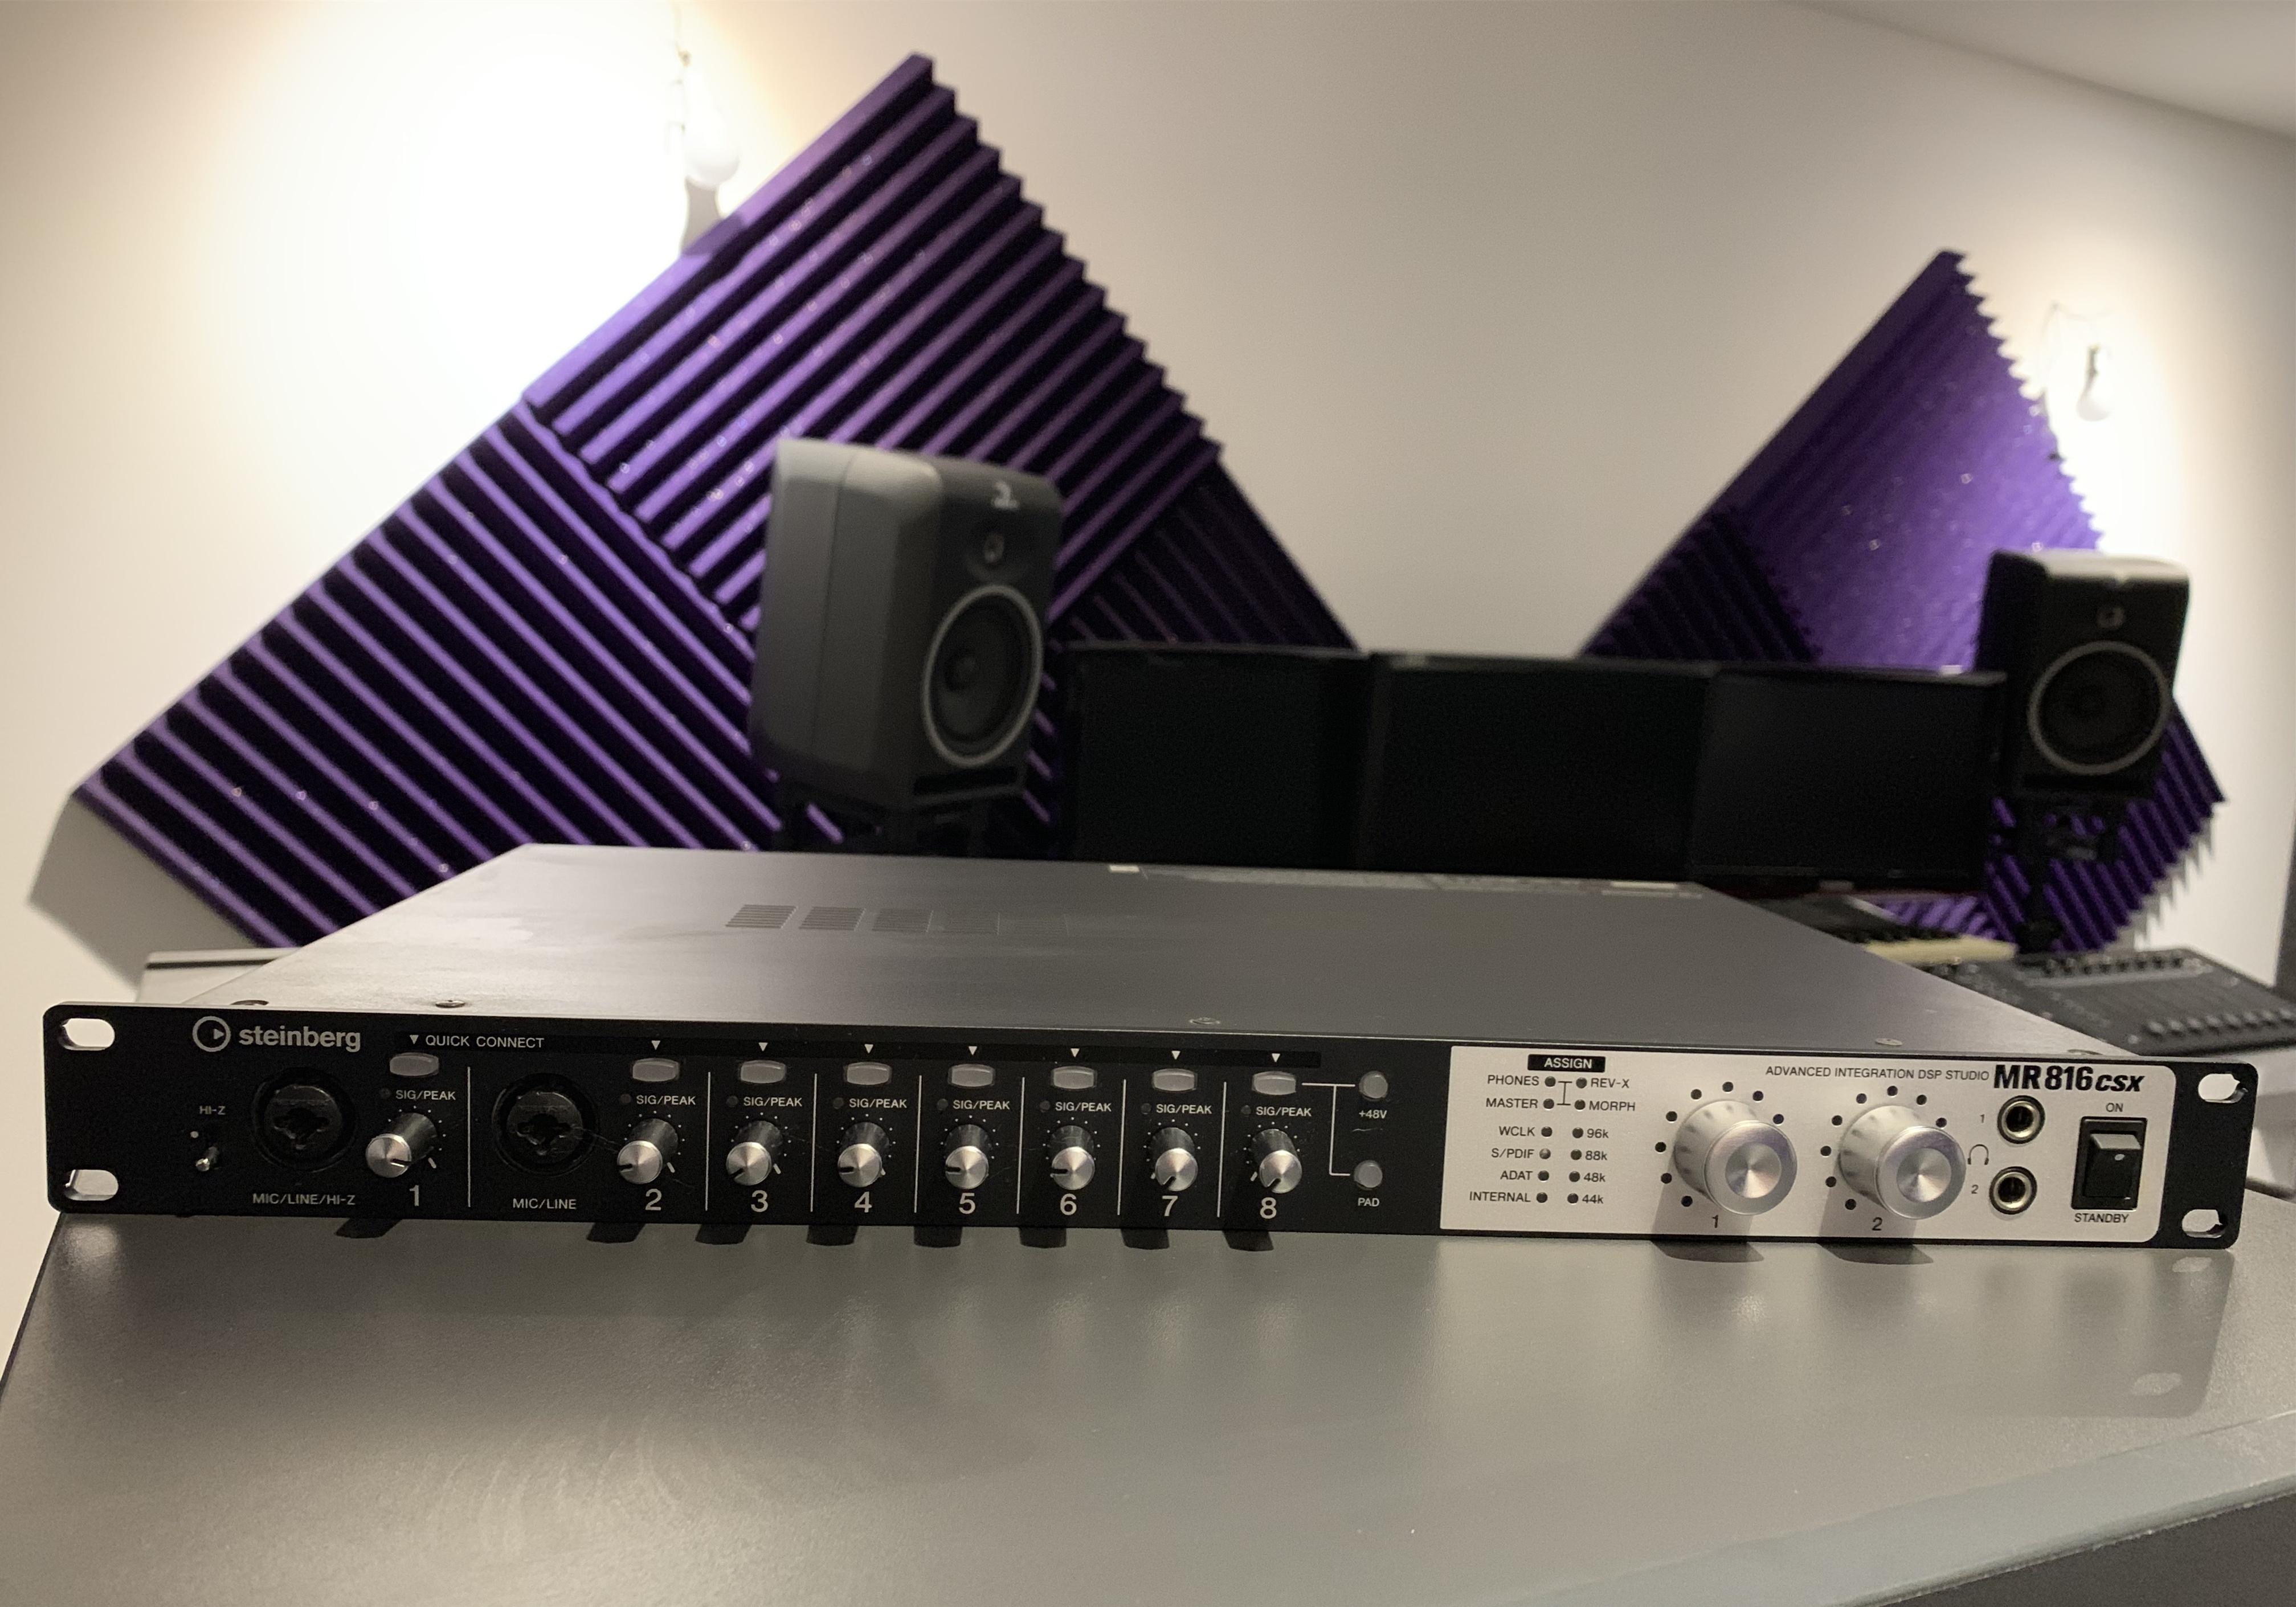 Steinberg 发布 MR 系列音频接口 Tools 更新